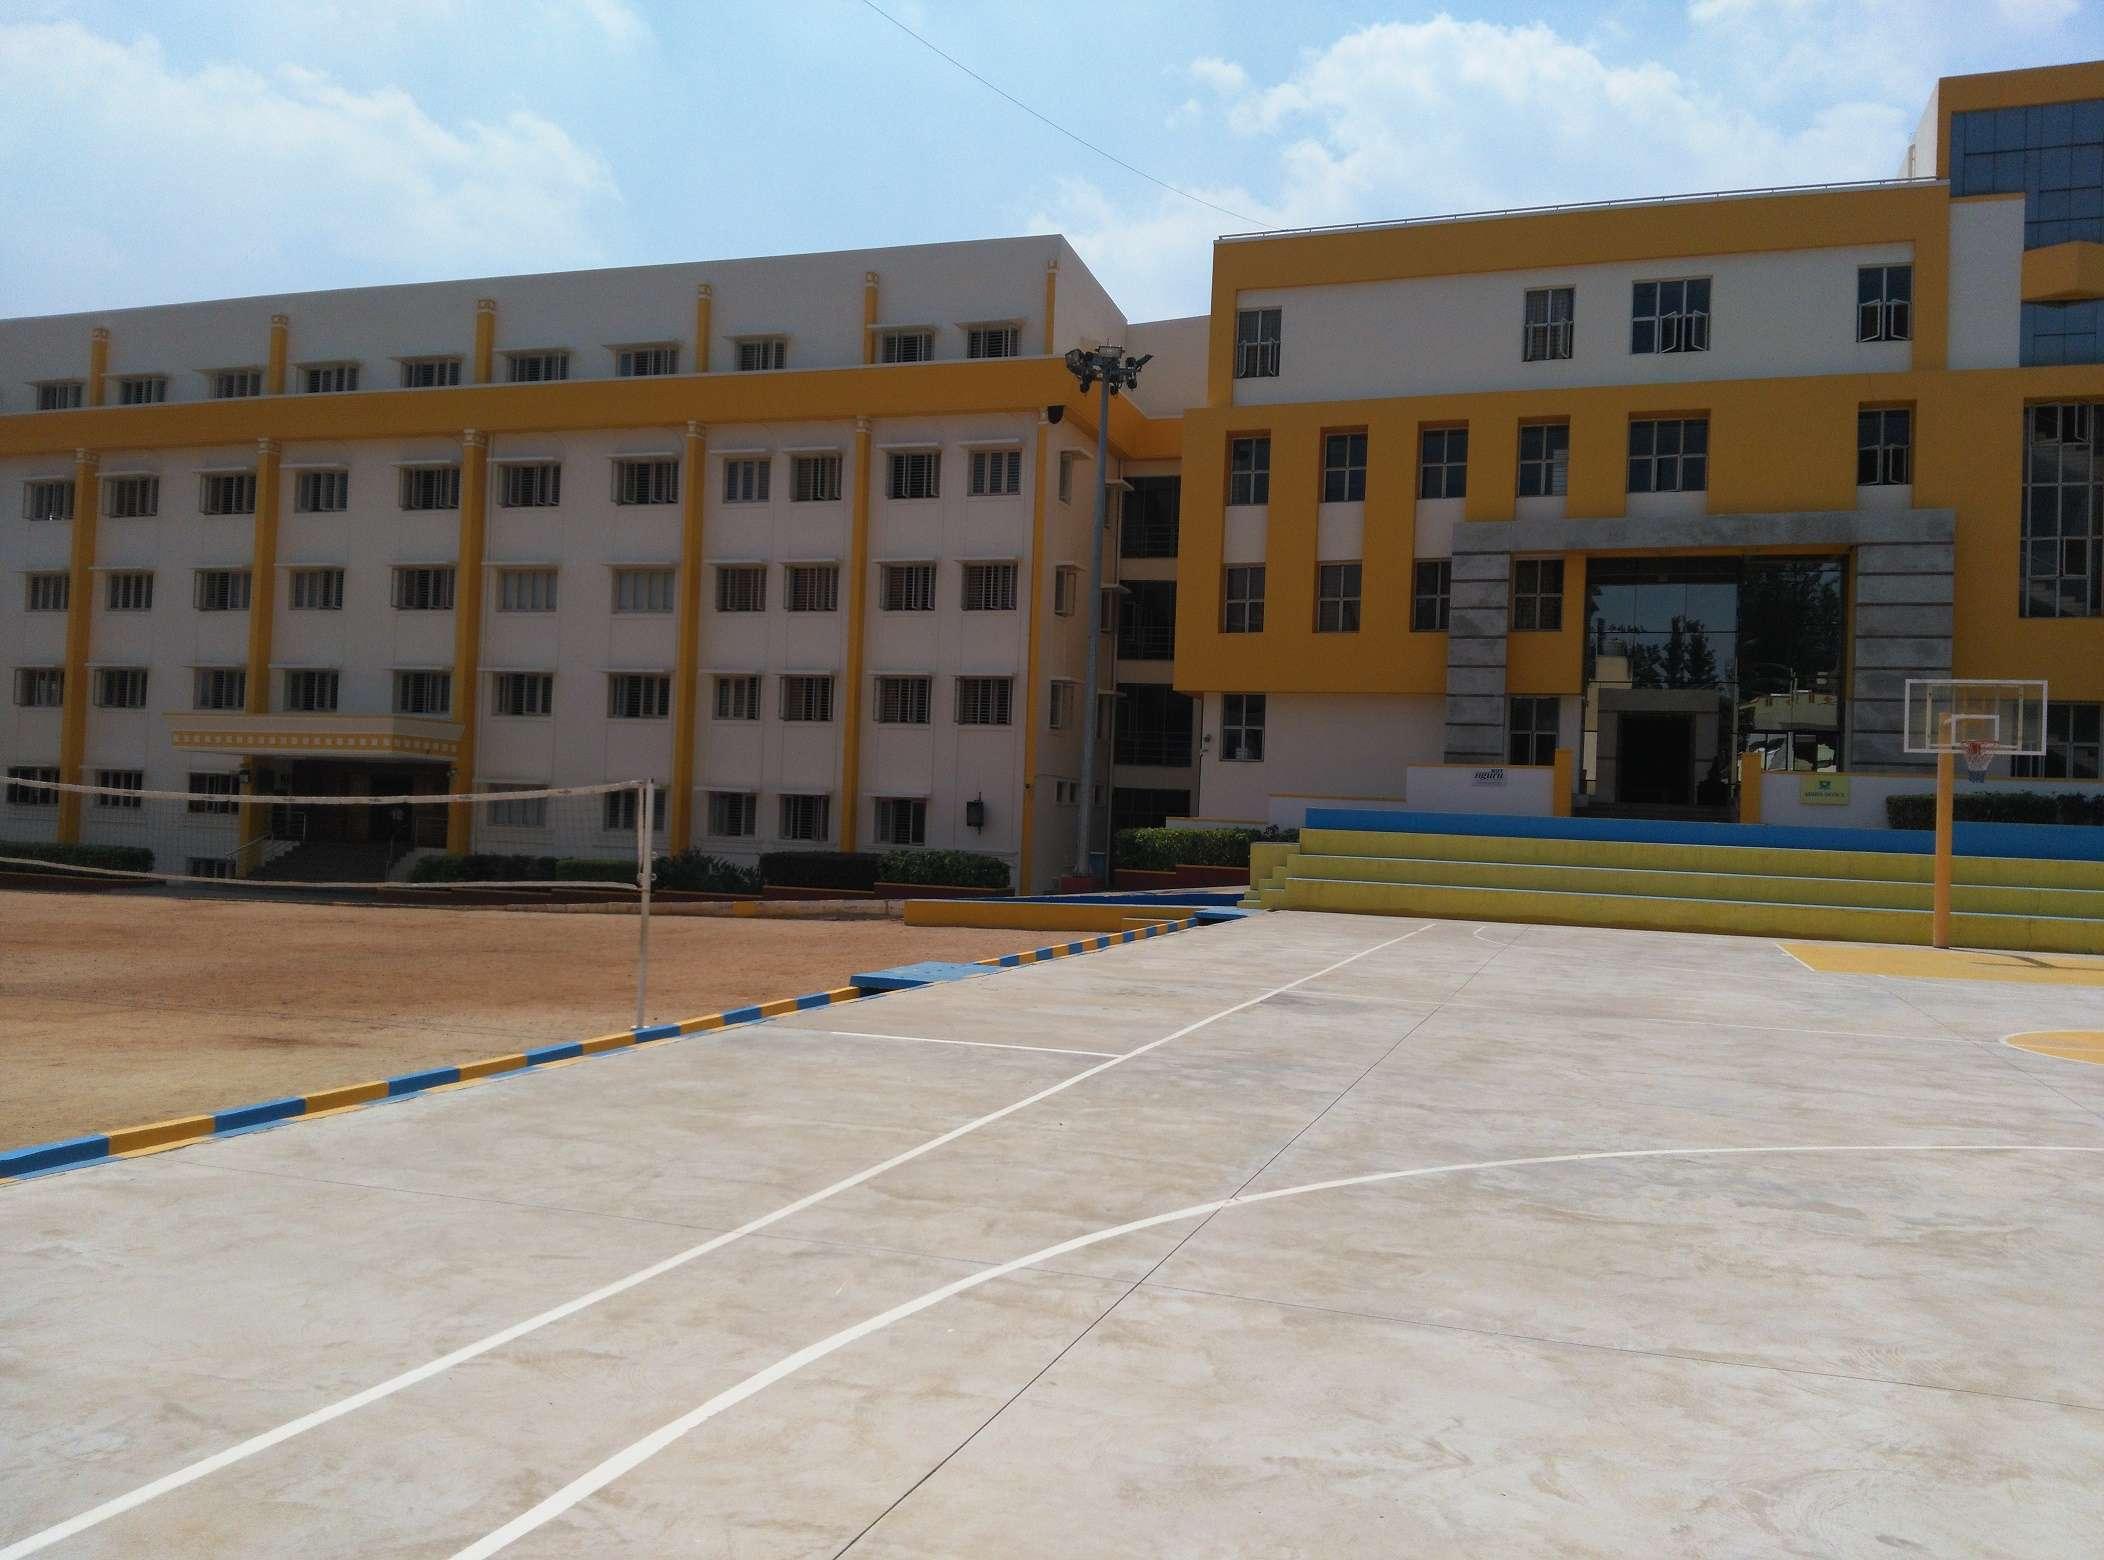 V S S INTERNATIONAL PUBLIC SCHOOL SURVEY NO 26 NAGDEBENAHALLI KANGERI HOBLI 830187